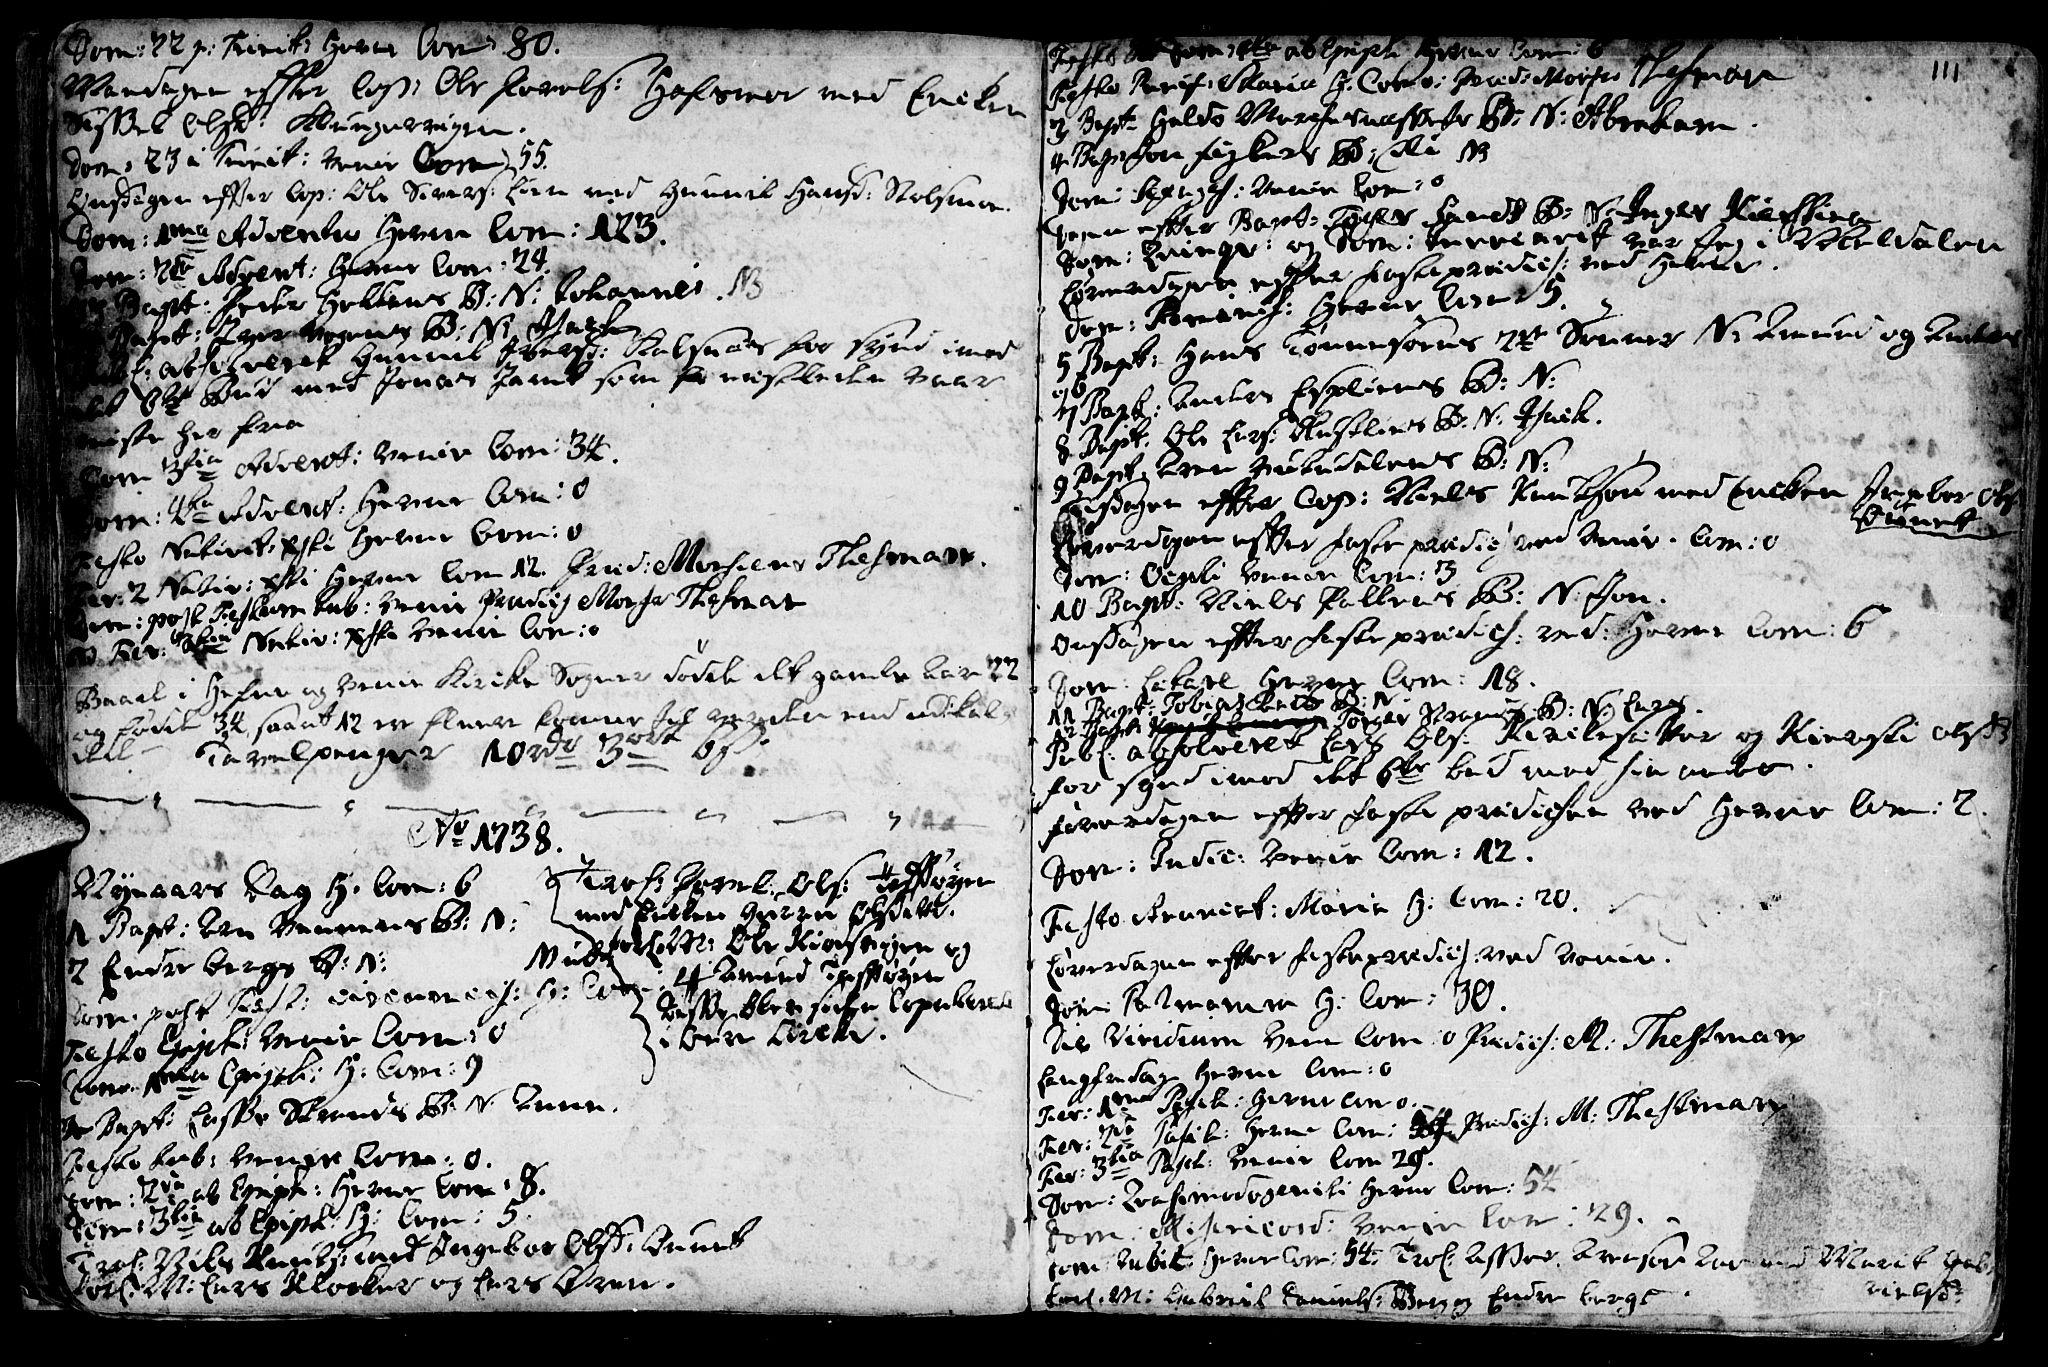 SAT, Ministerialprotokoller, klokkerbøker og fødselsregistre - Sør-Trøndelag, 630/L0488: Ministerialbok nr. 630A01, 1717-1756, s. 110-111